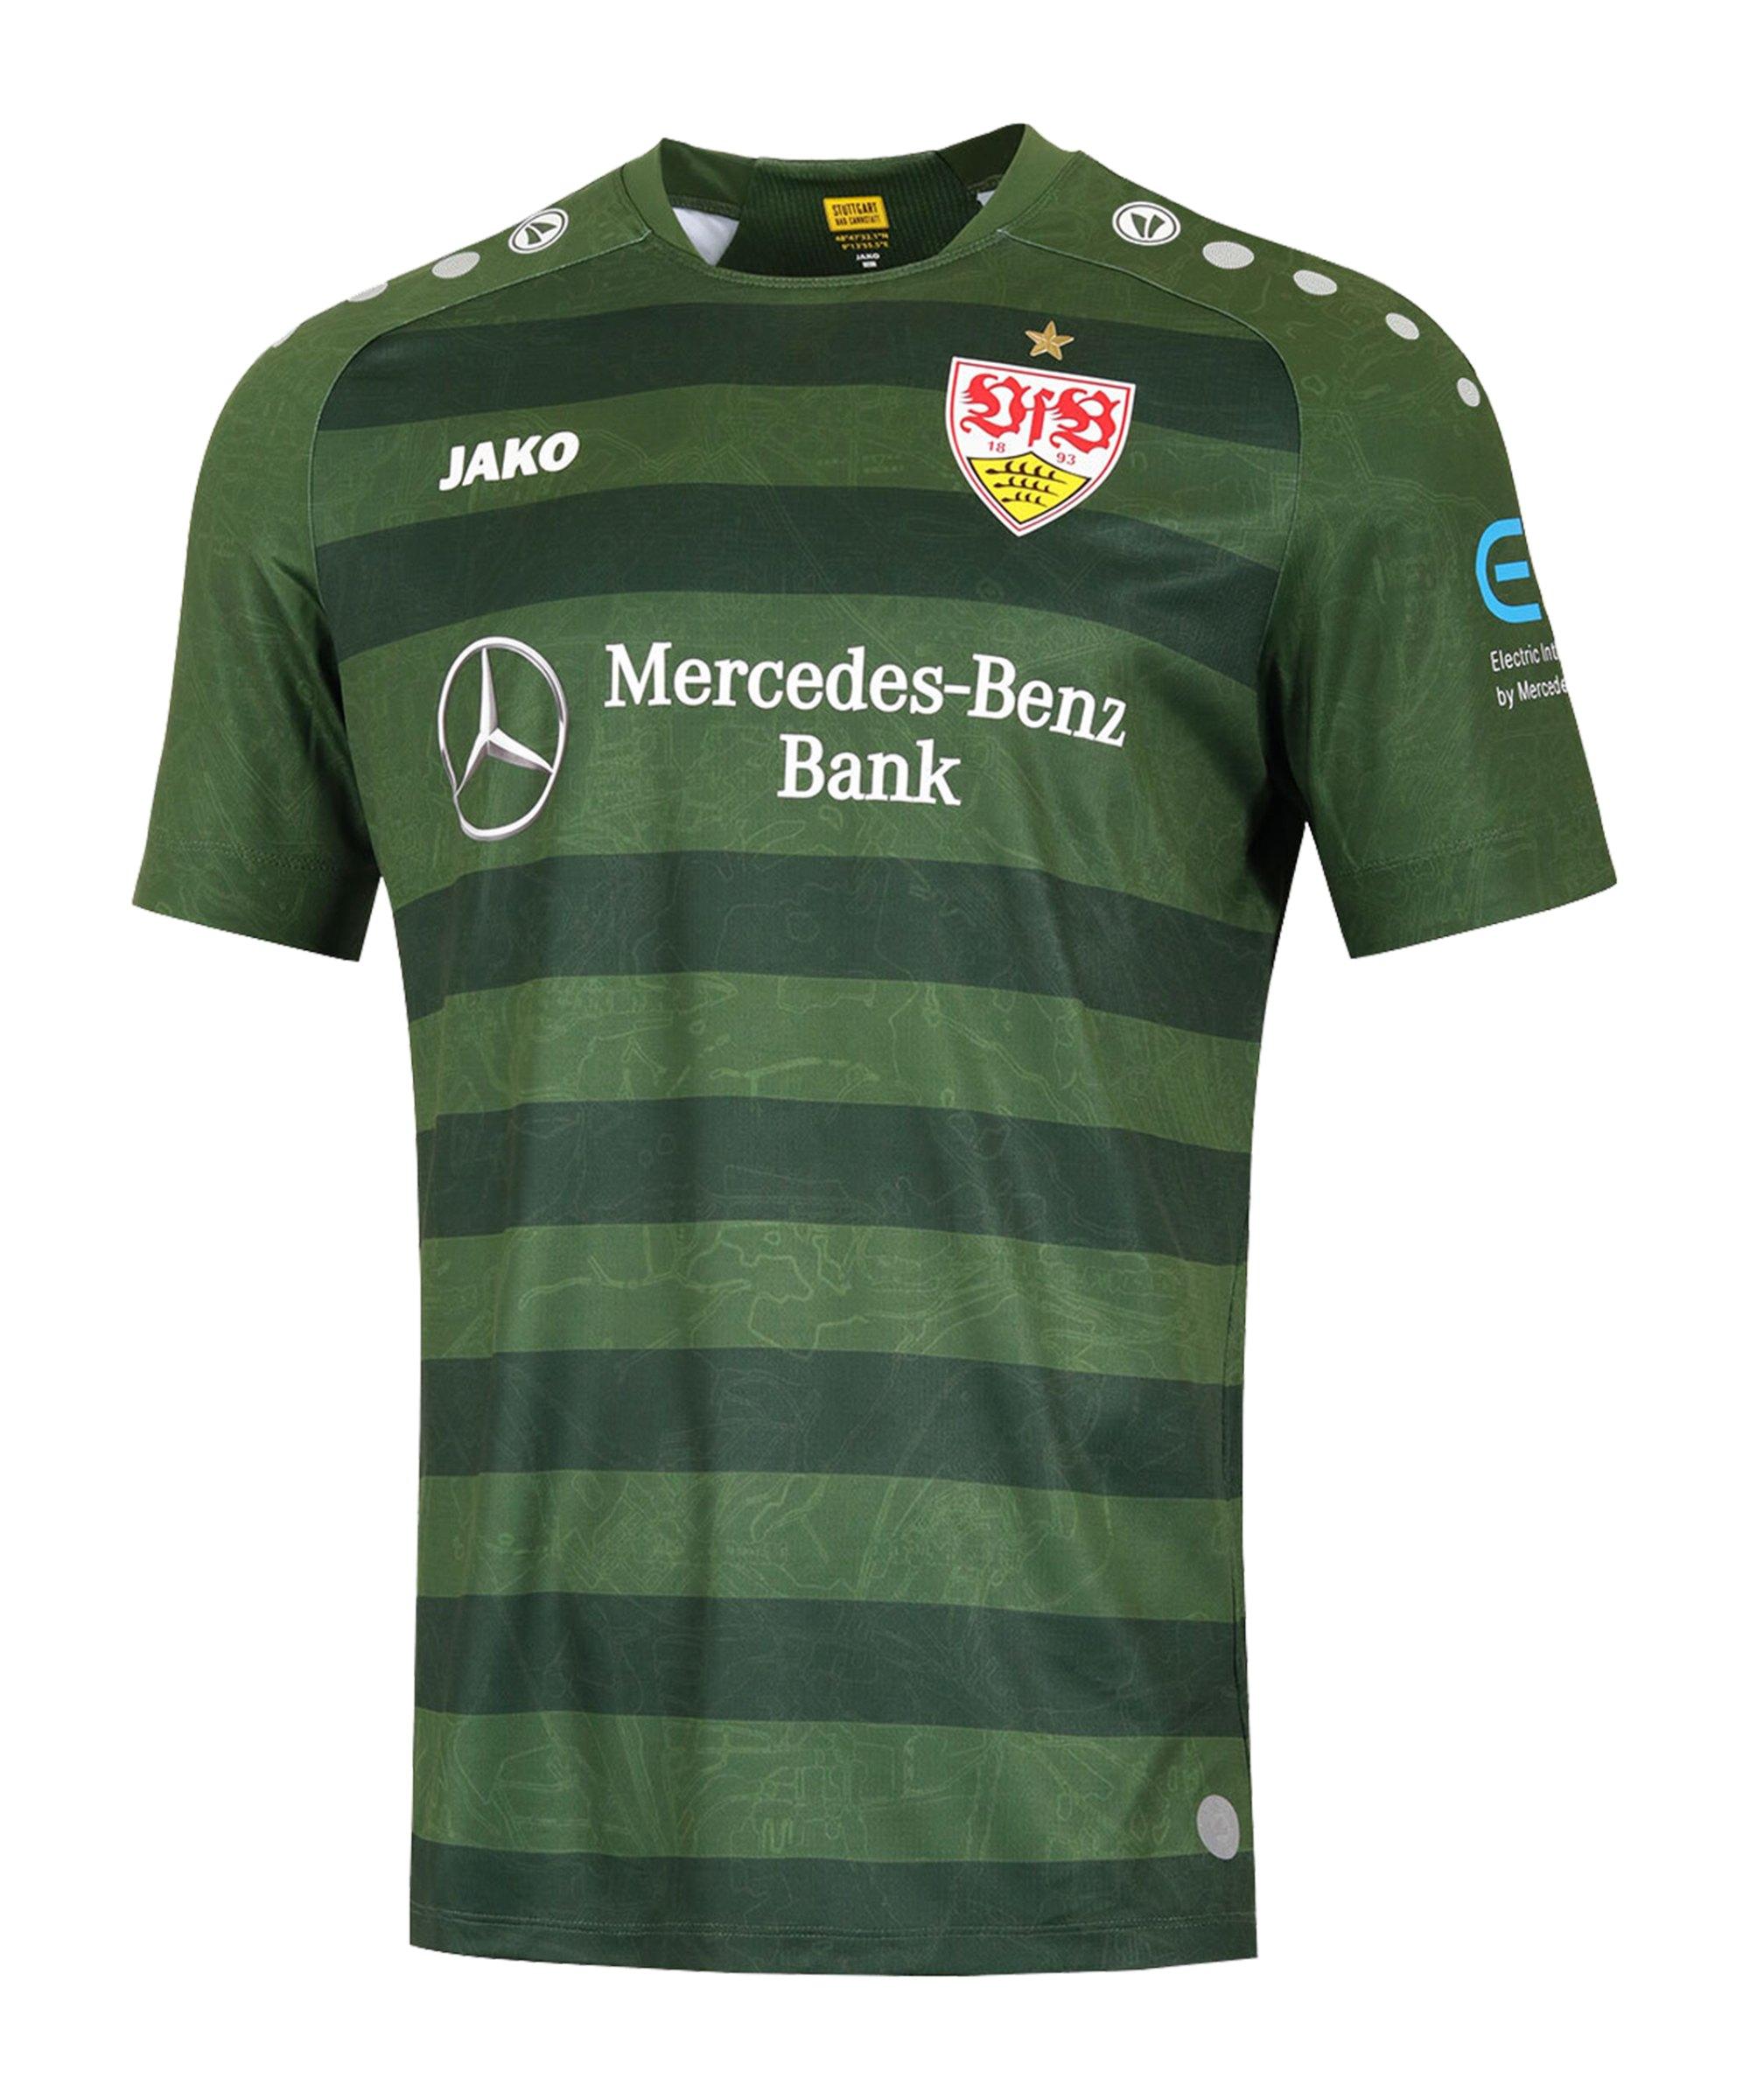 JAKO VfB Stuttgart Trikot 3rd 2020/2021 Khaki F28 - khaki